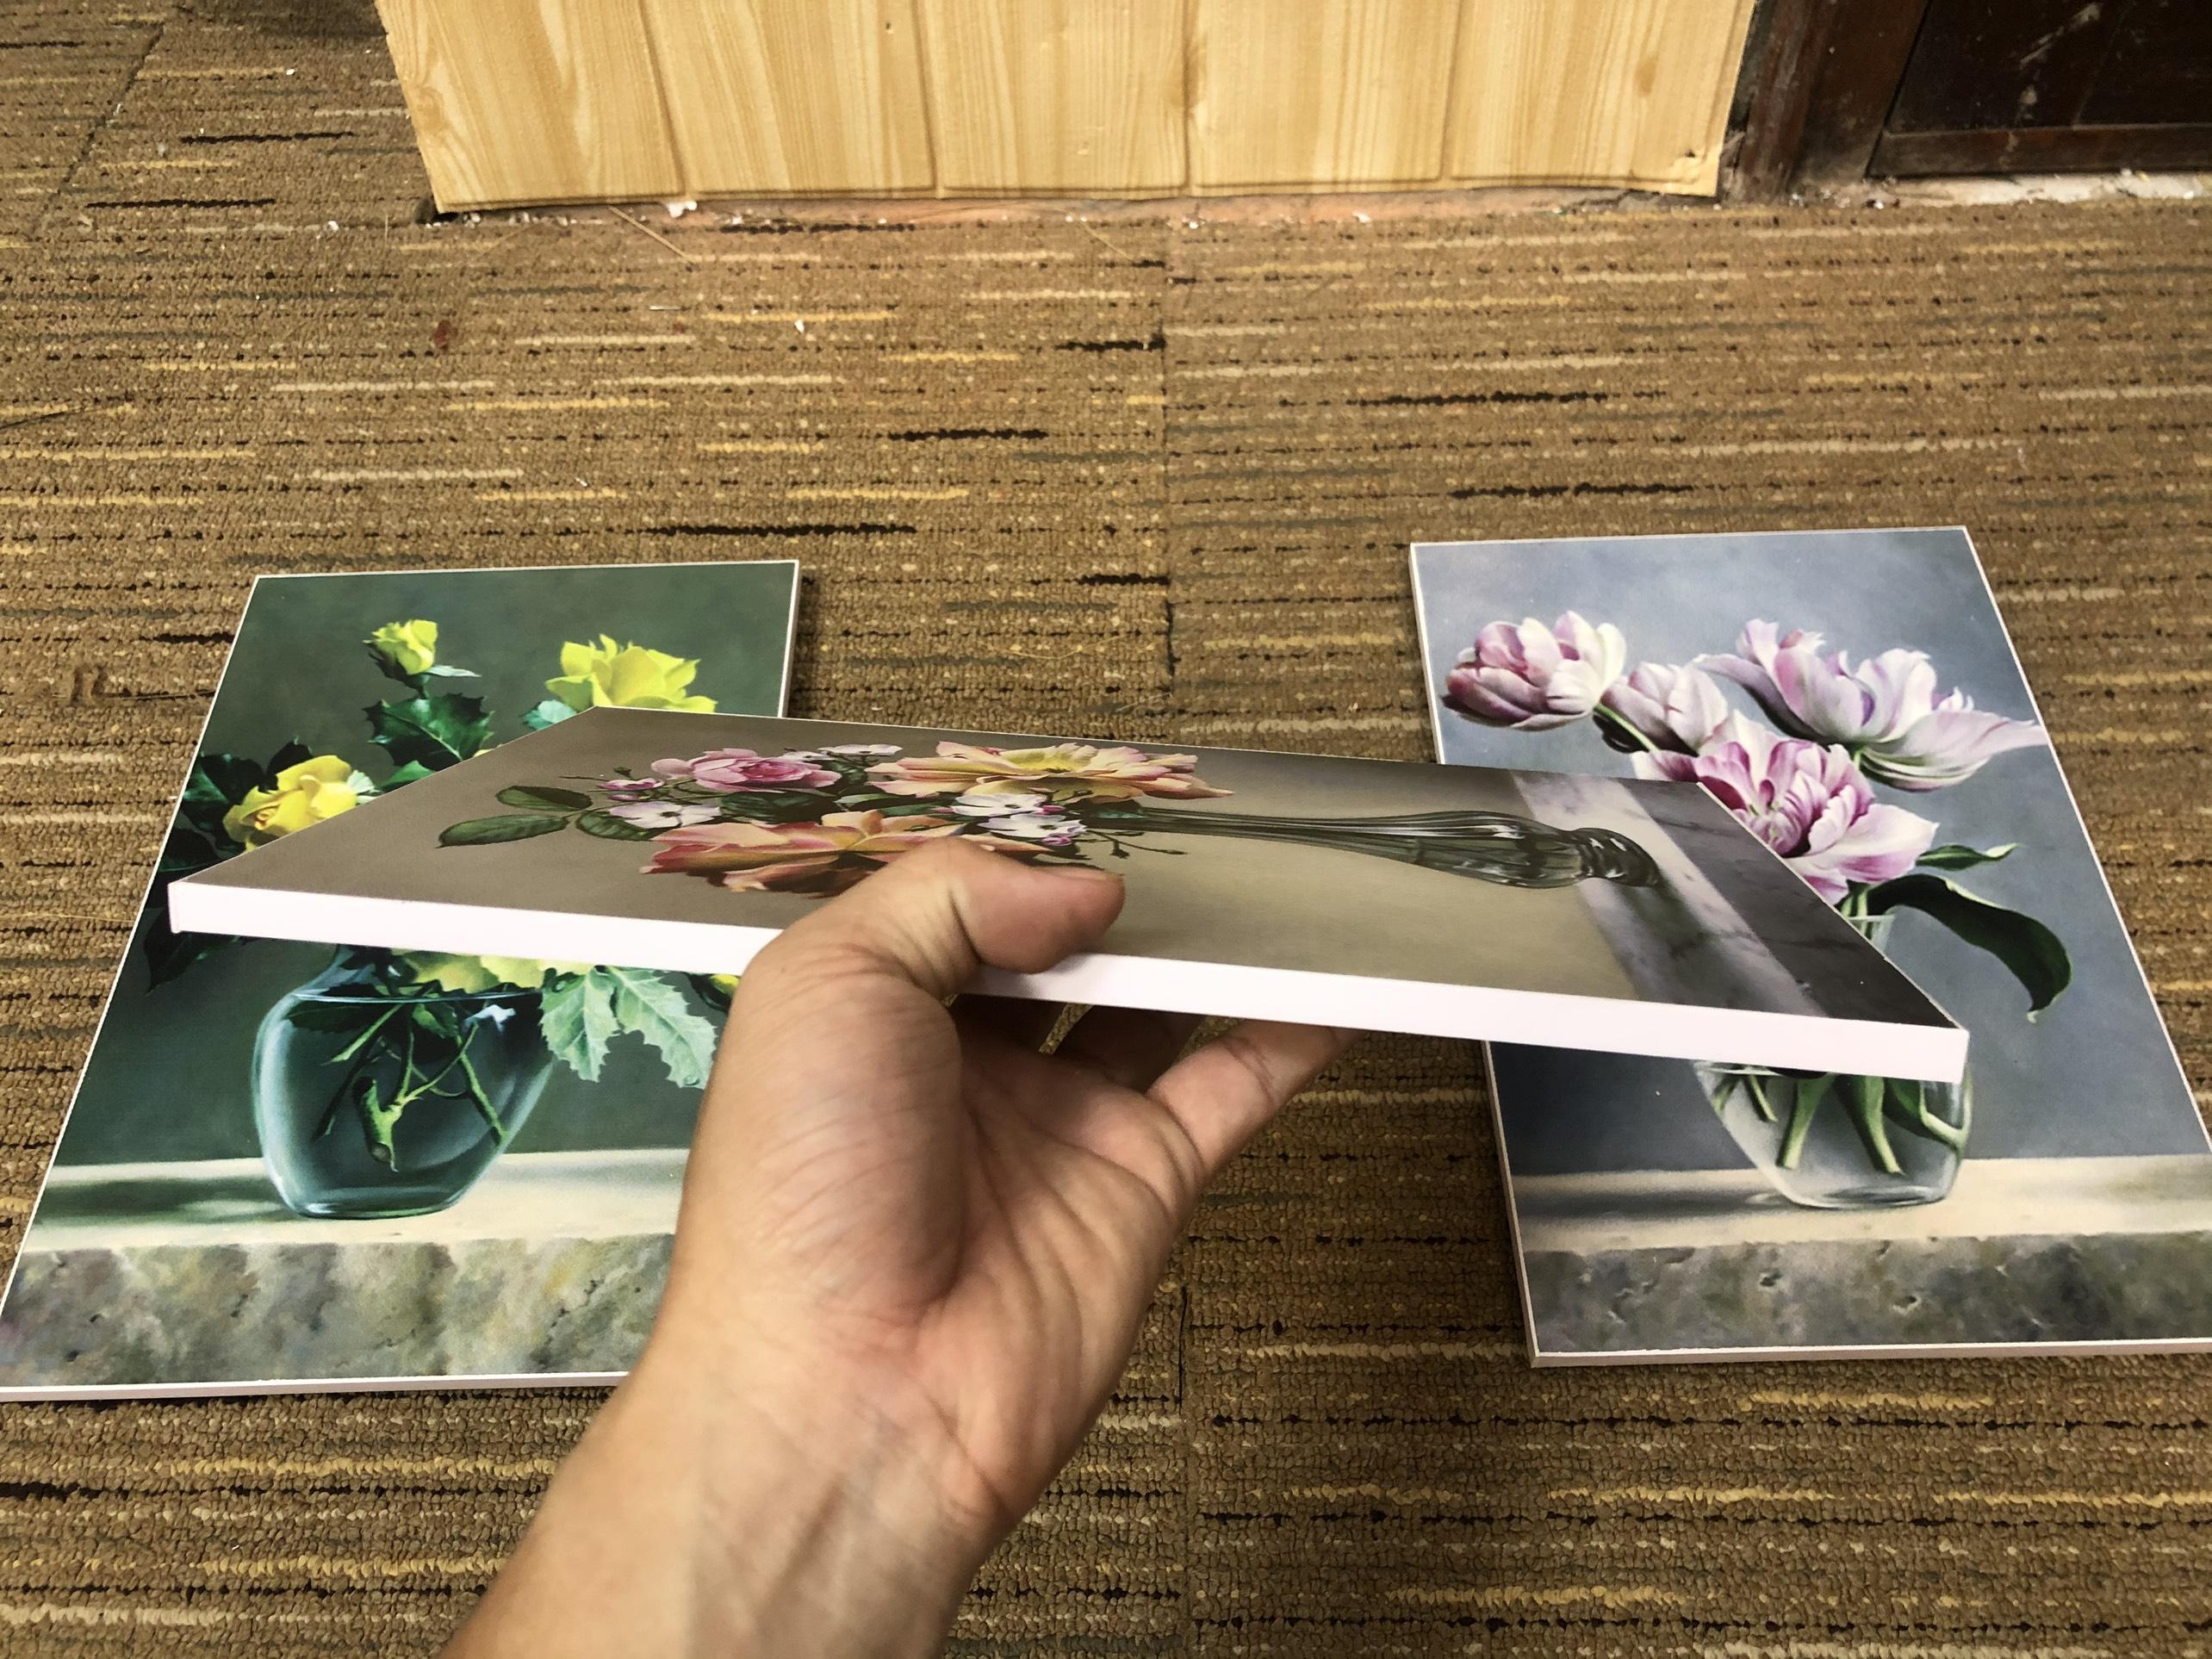 Tranh treo tường CAO CẤP 3 bức phong cách hiện đại MONSKY - Bắc Âu ND17A, In UV công nghệ Nhật Bản 3 lớp trực tiếp lên tấm FORMEX (Như tấm gỗ nguyên khối) kèm khung và đinh ghim móc treo, kích thước 20x30cm/bức